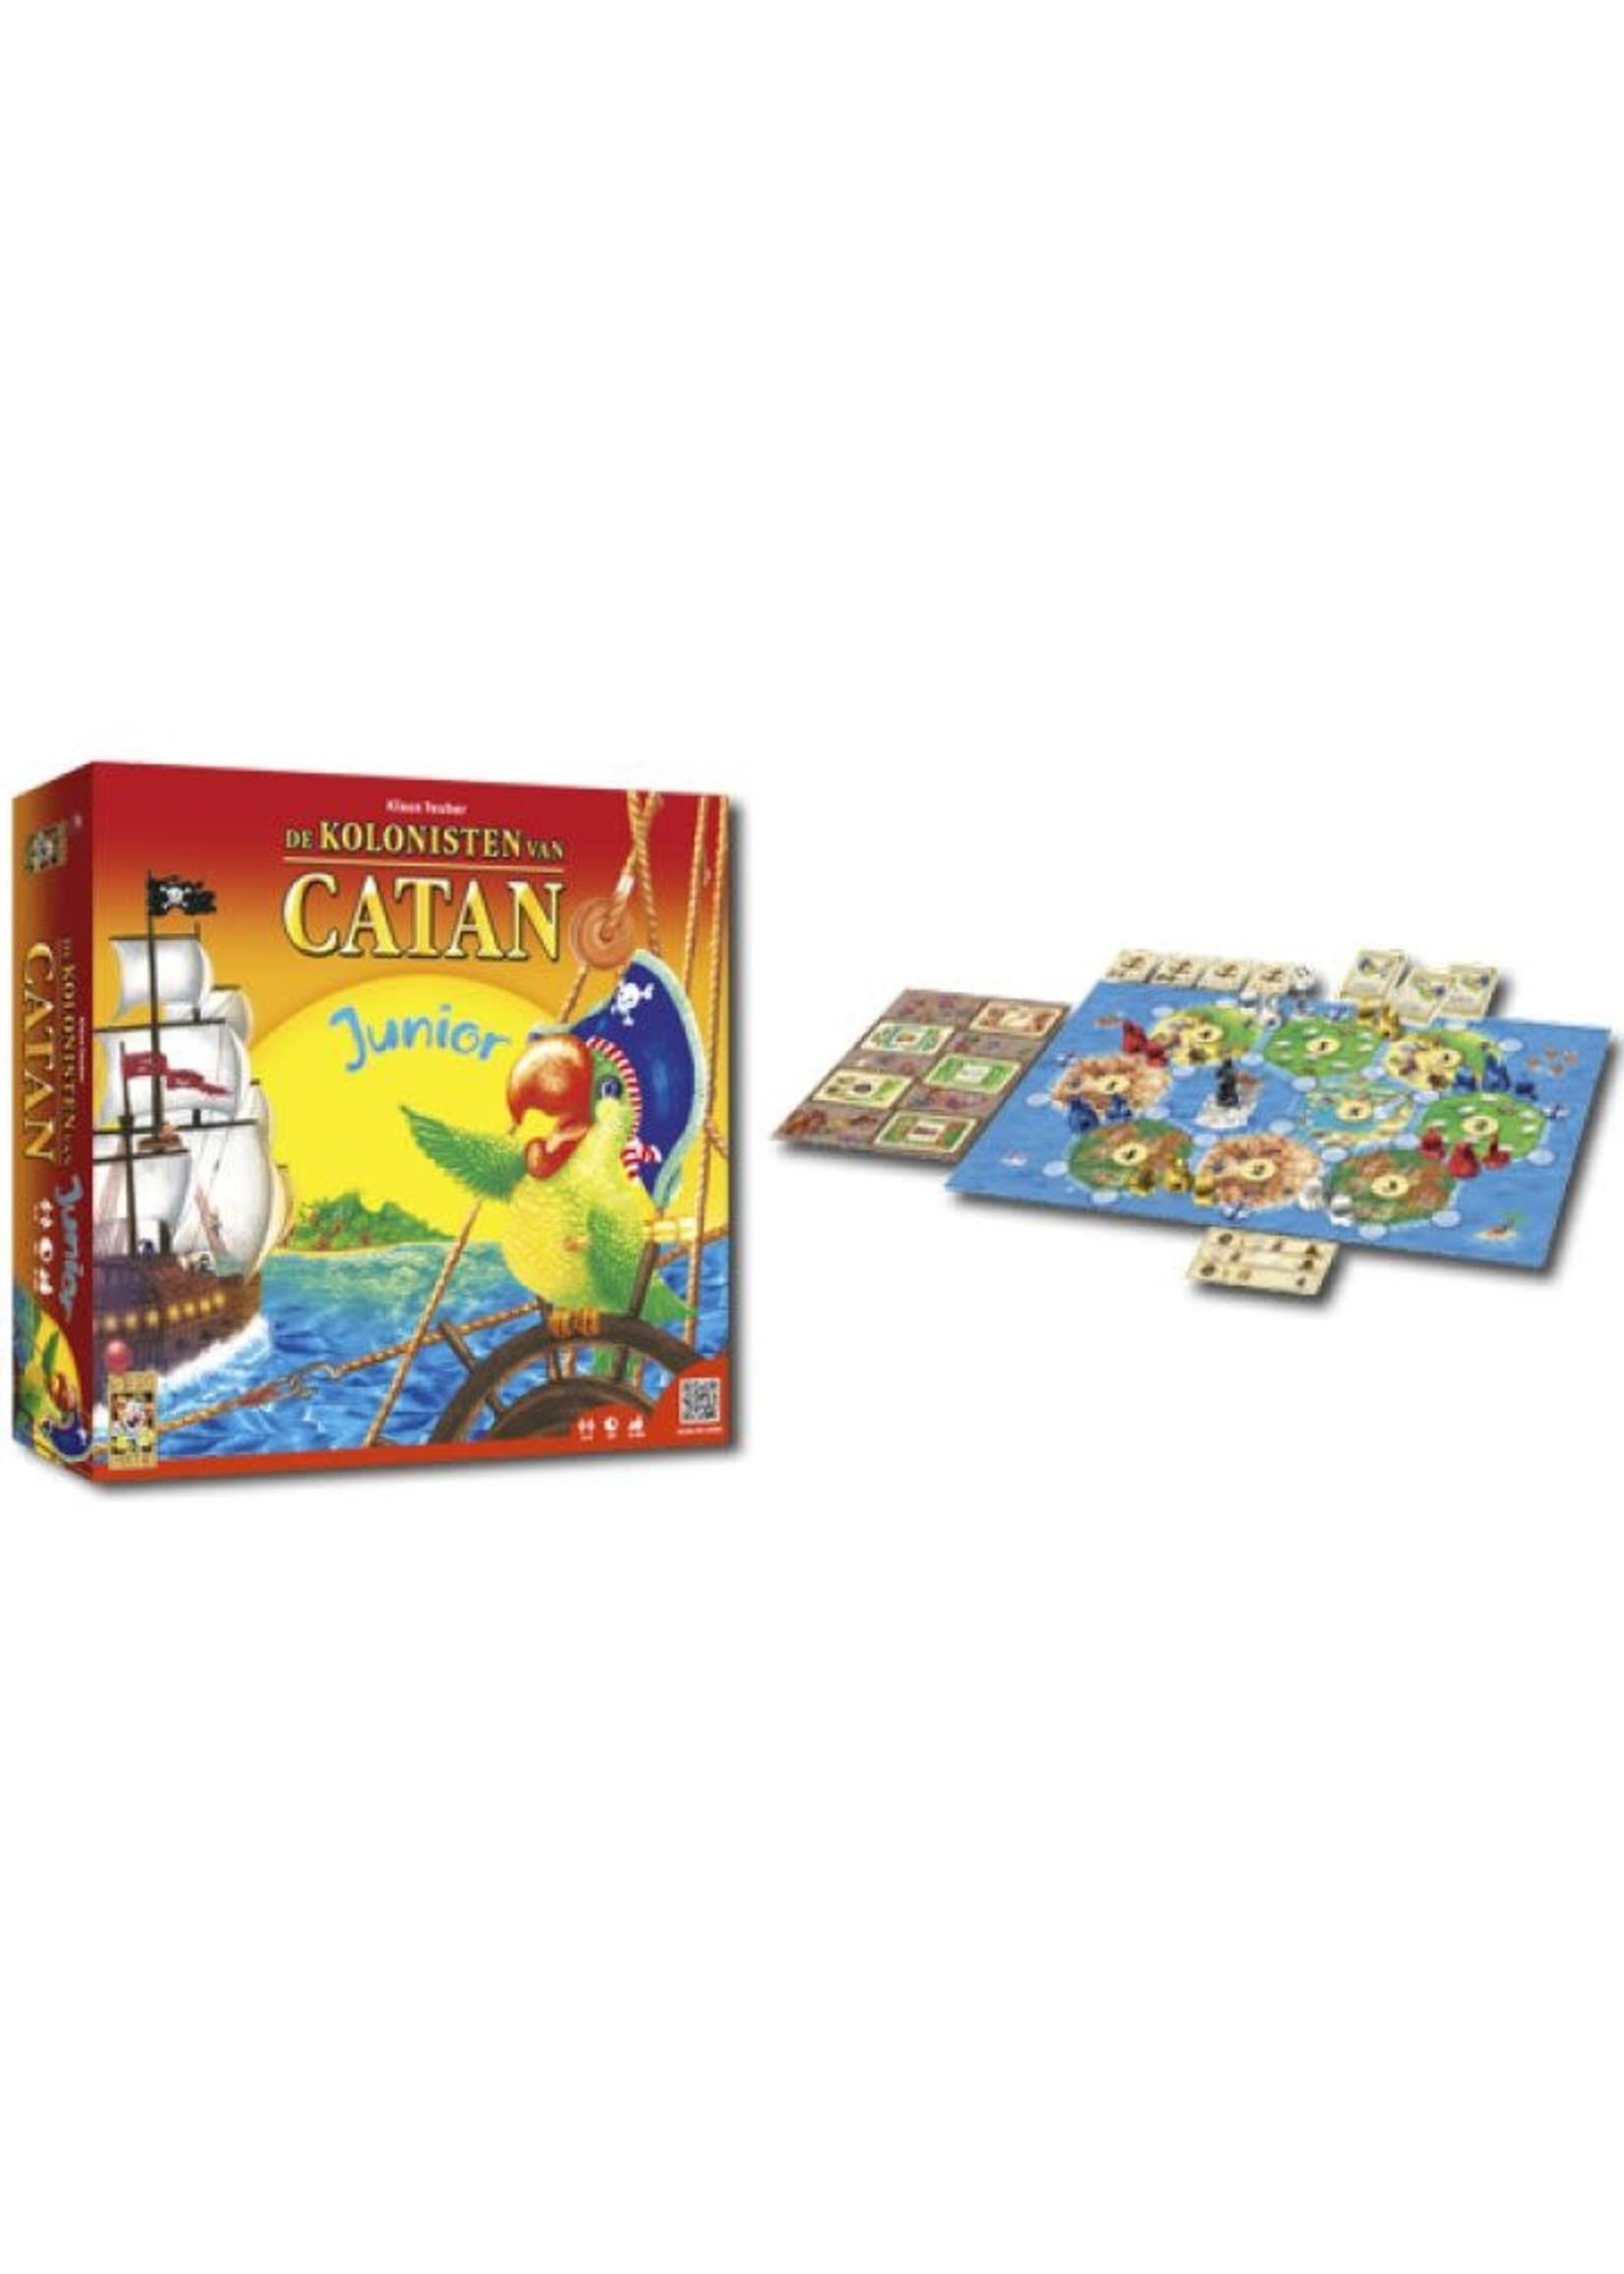 Kolonisten Van Catan: Junior